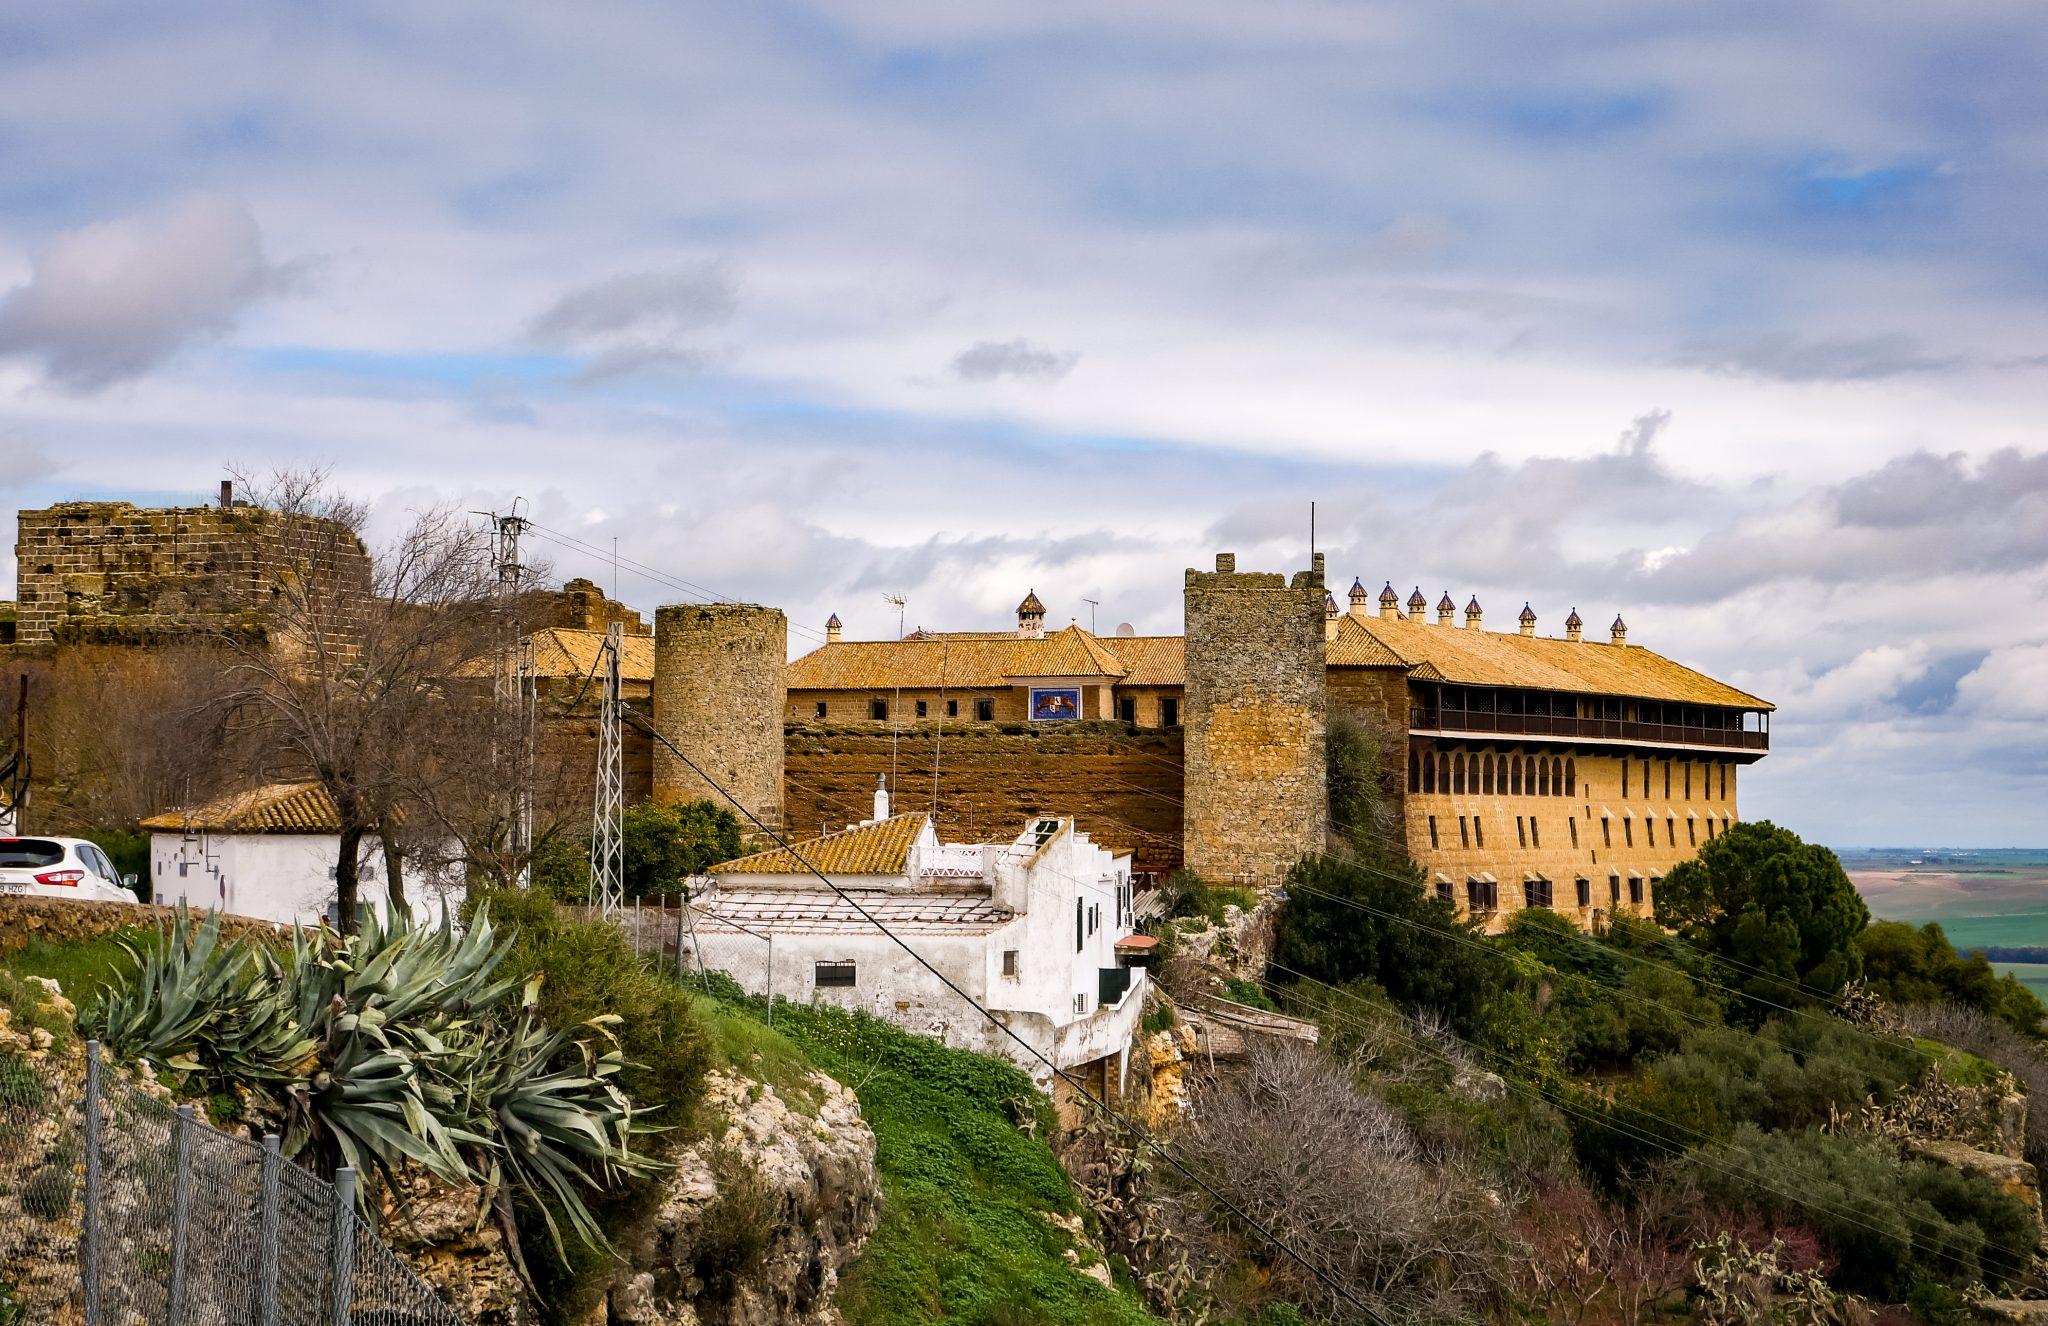 Das wohl bekannteste Hotel in Carmona: eine alte Festung!